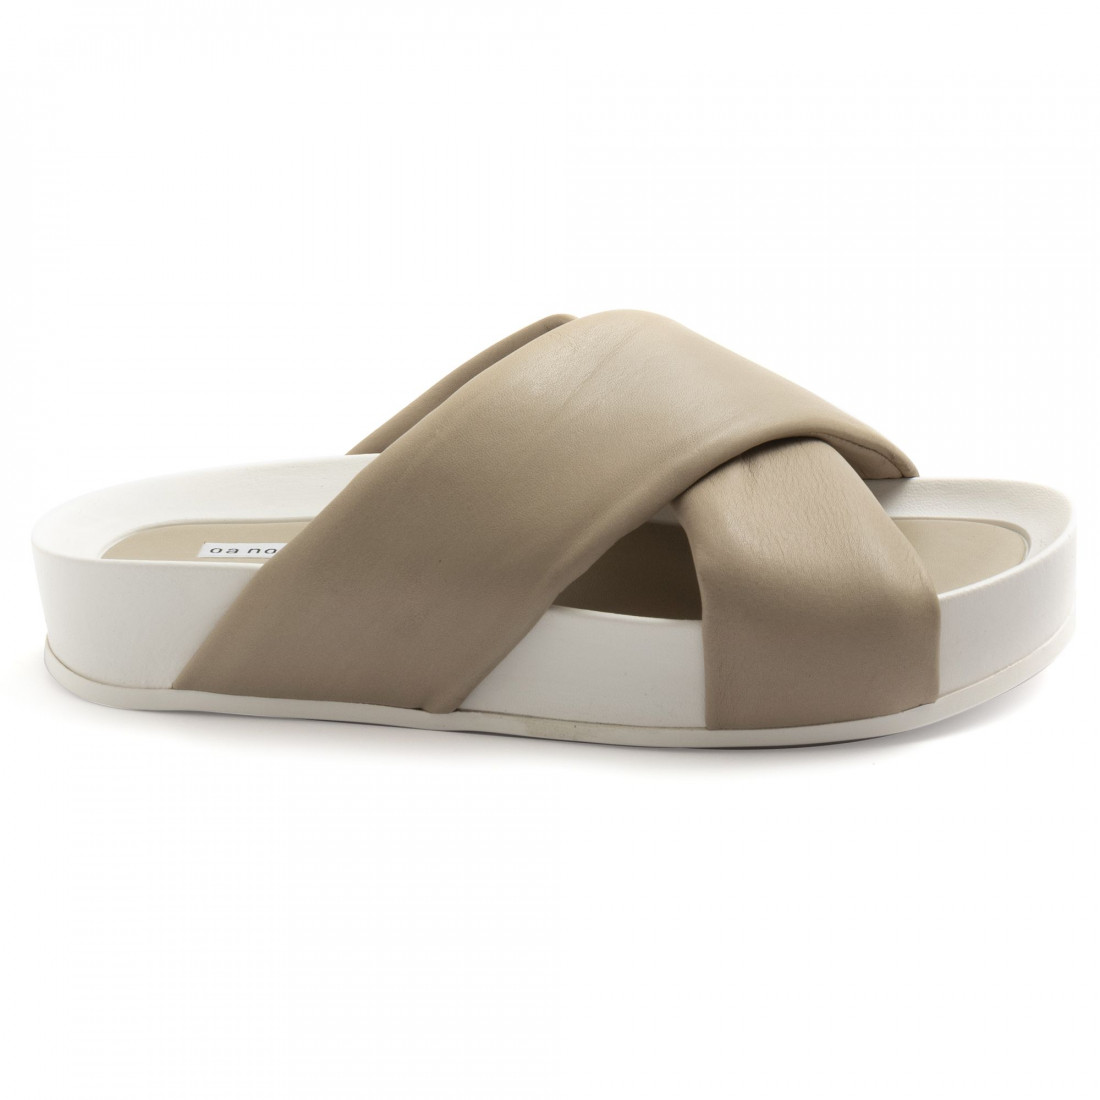 sandali donna oa non fashion a18calf stone 8605